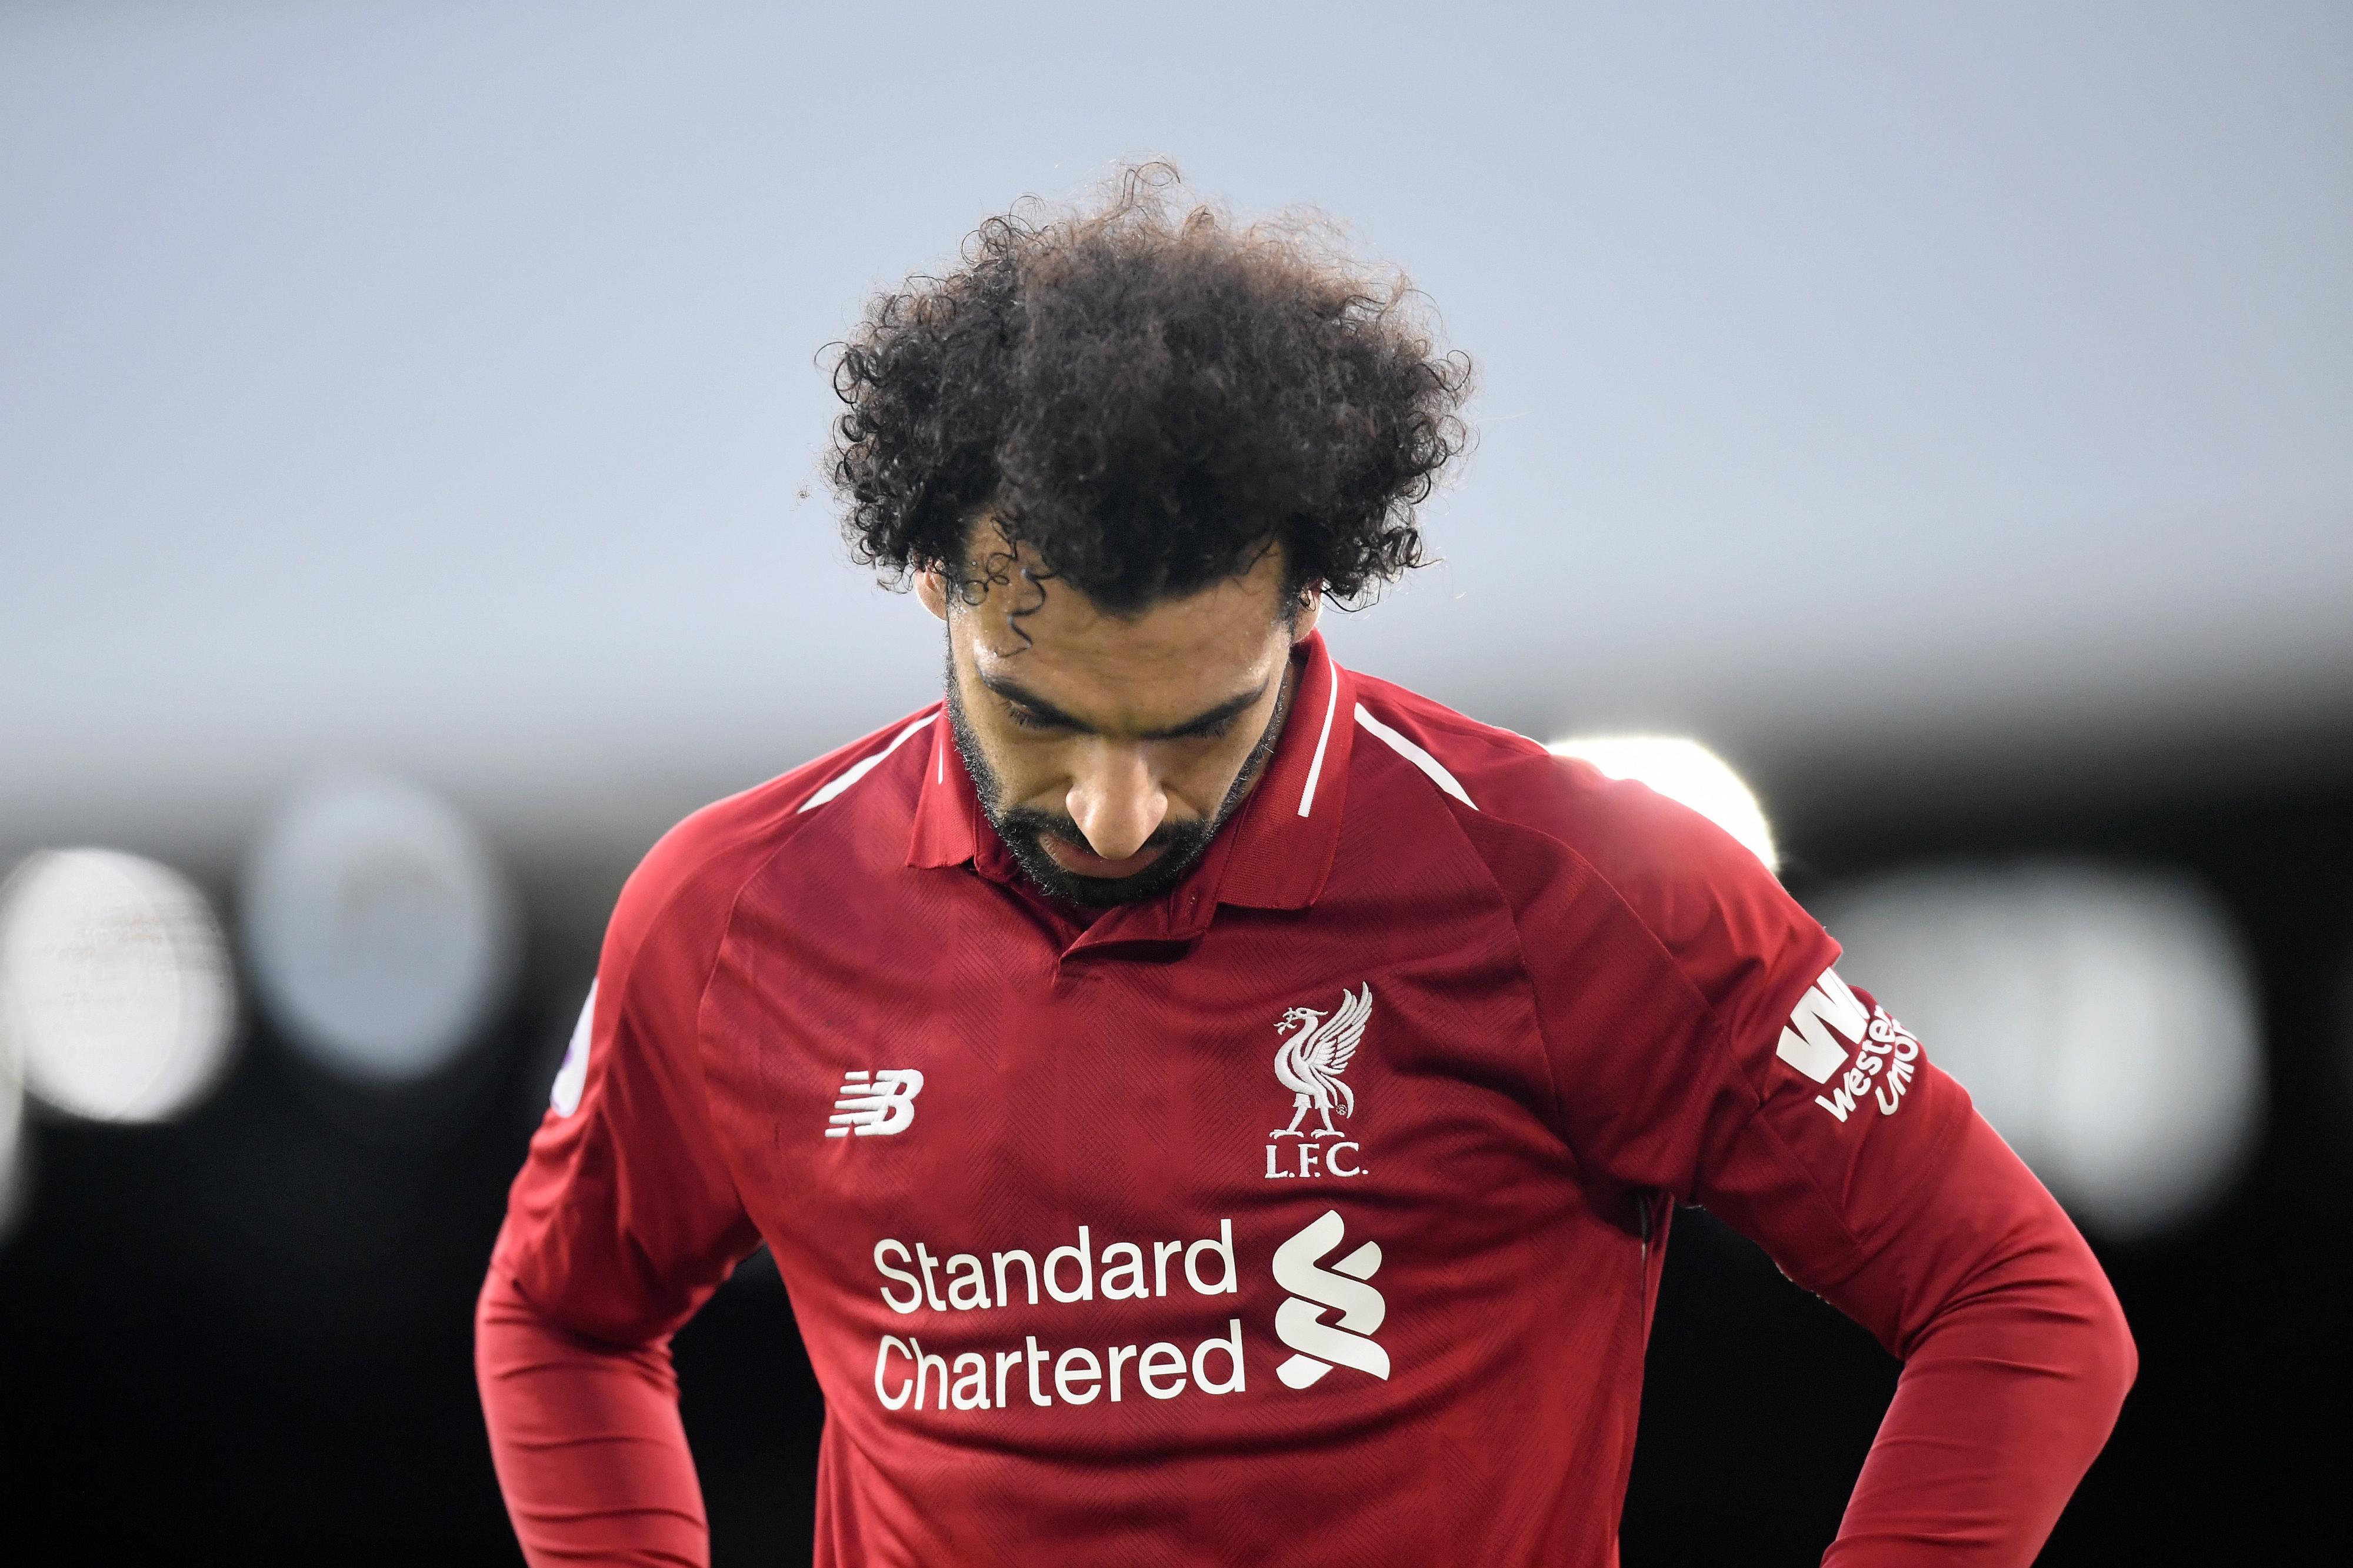 Van Dijk: Salah goals will come for Liverpool